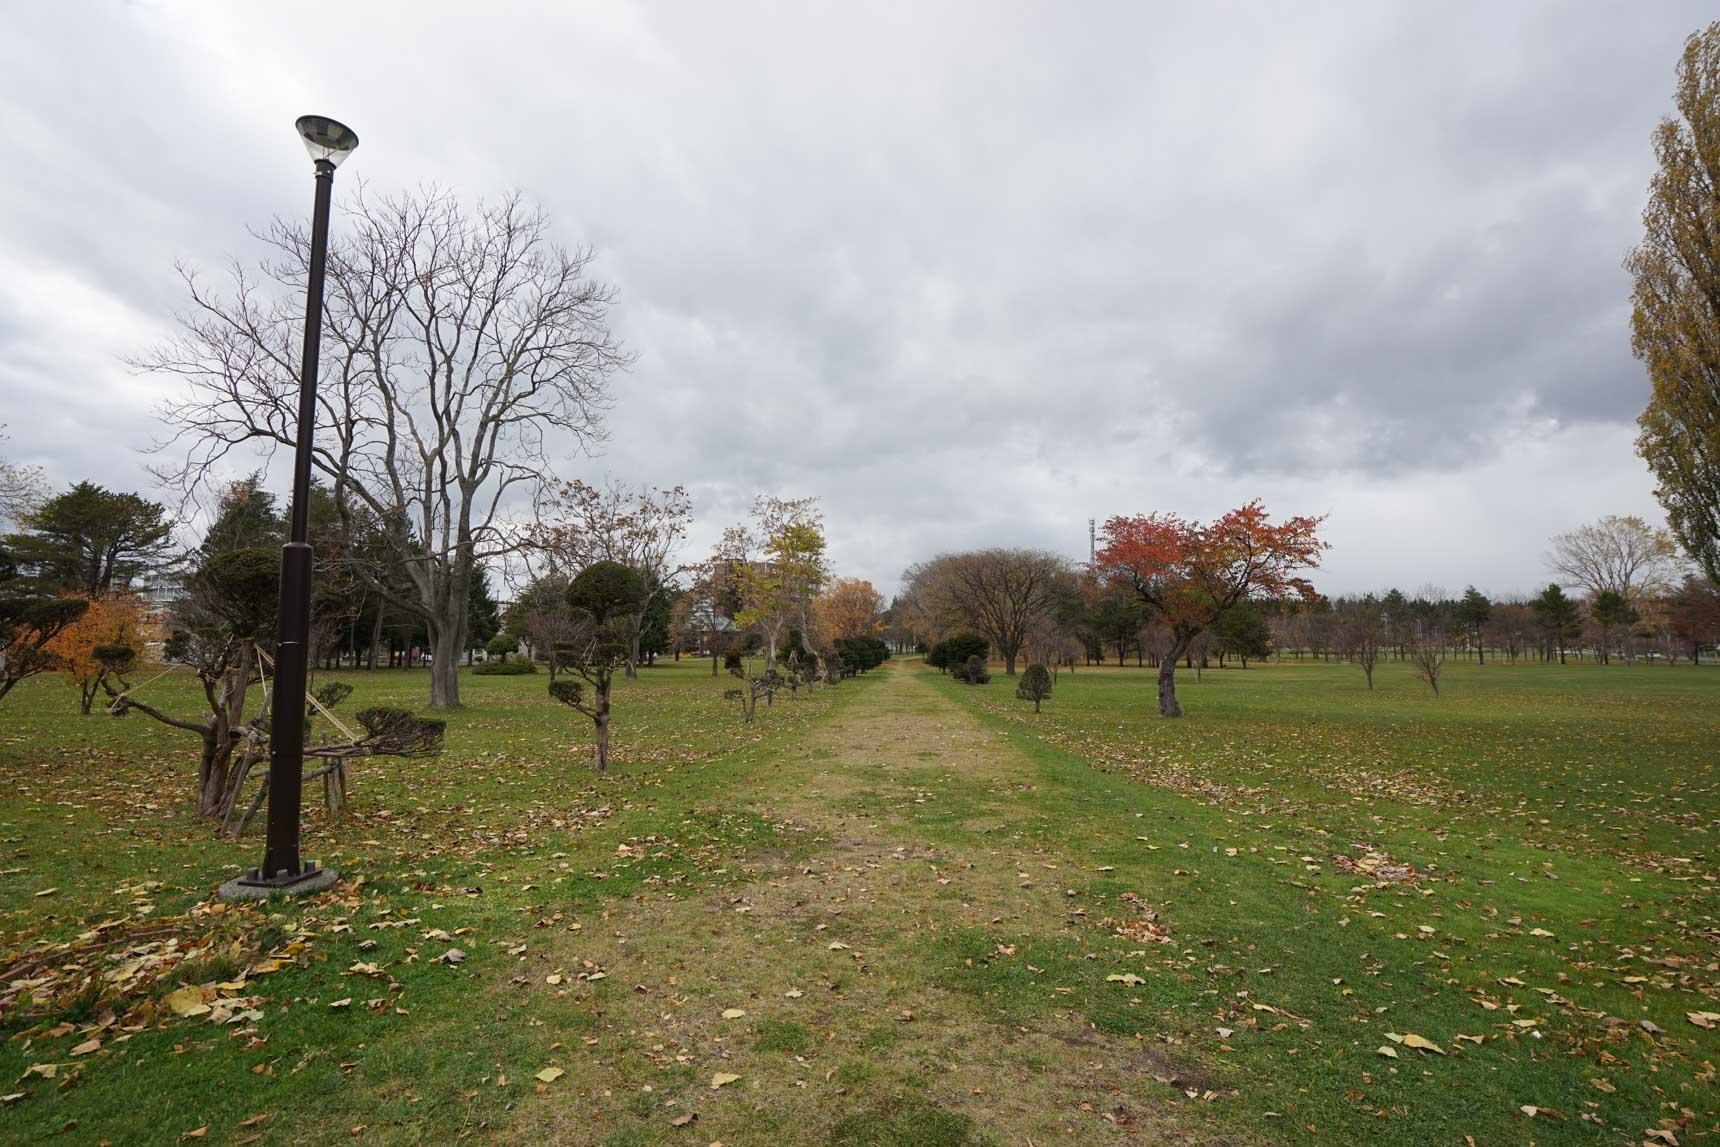 図書館の目の前にはとても広い芝生の公園が広がります。よく遠足で幼稚園や小学校の子どもたちも多く訪れるんだそう。